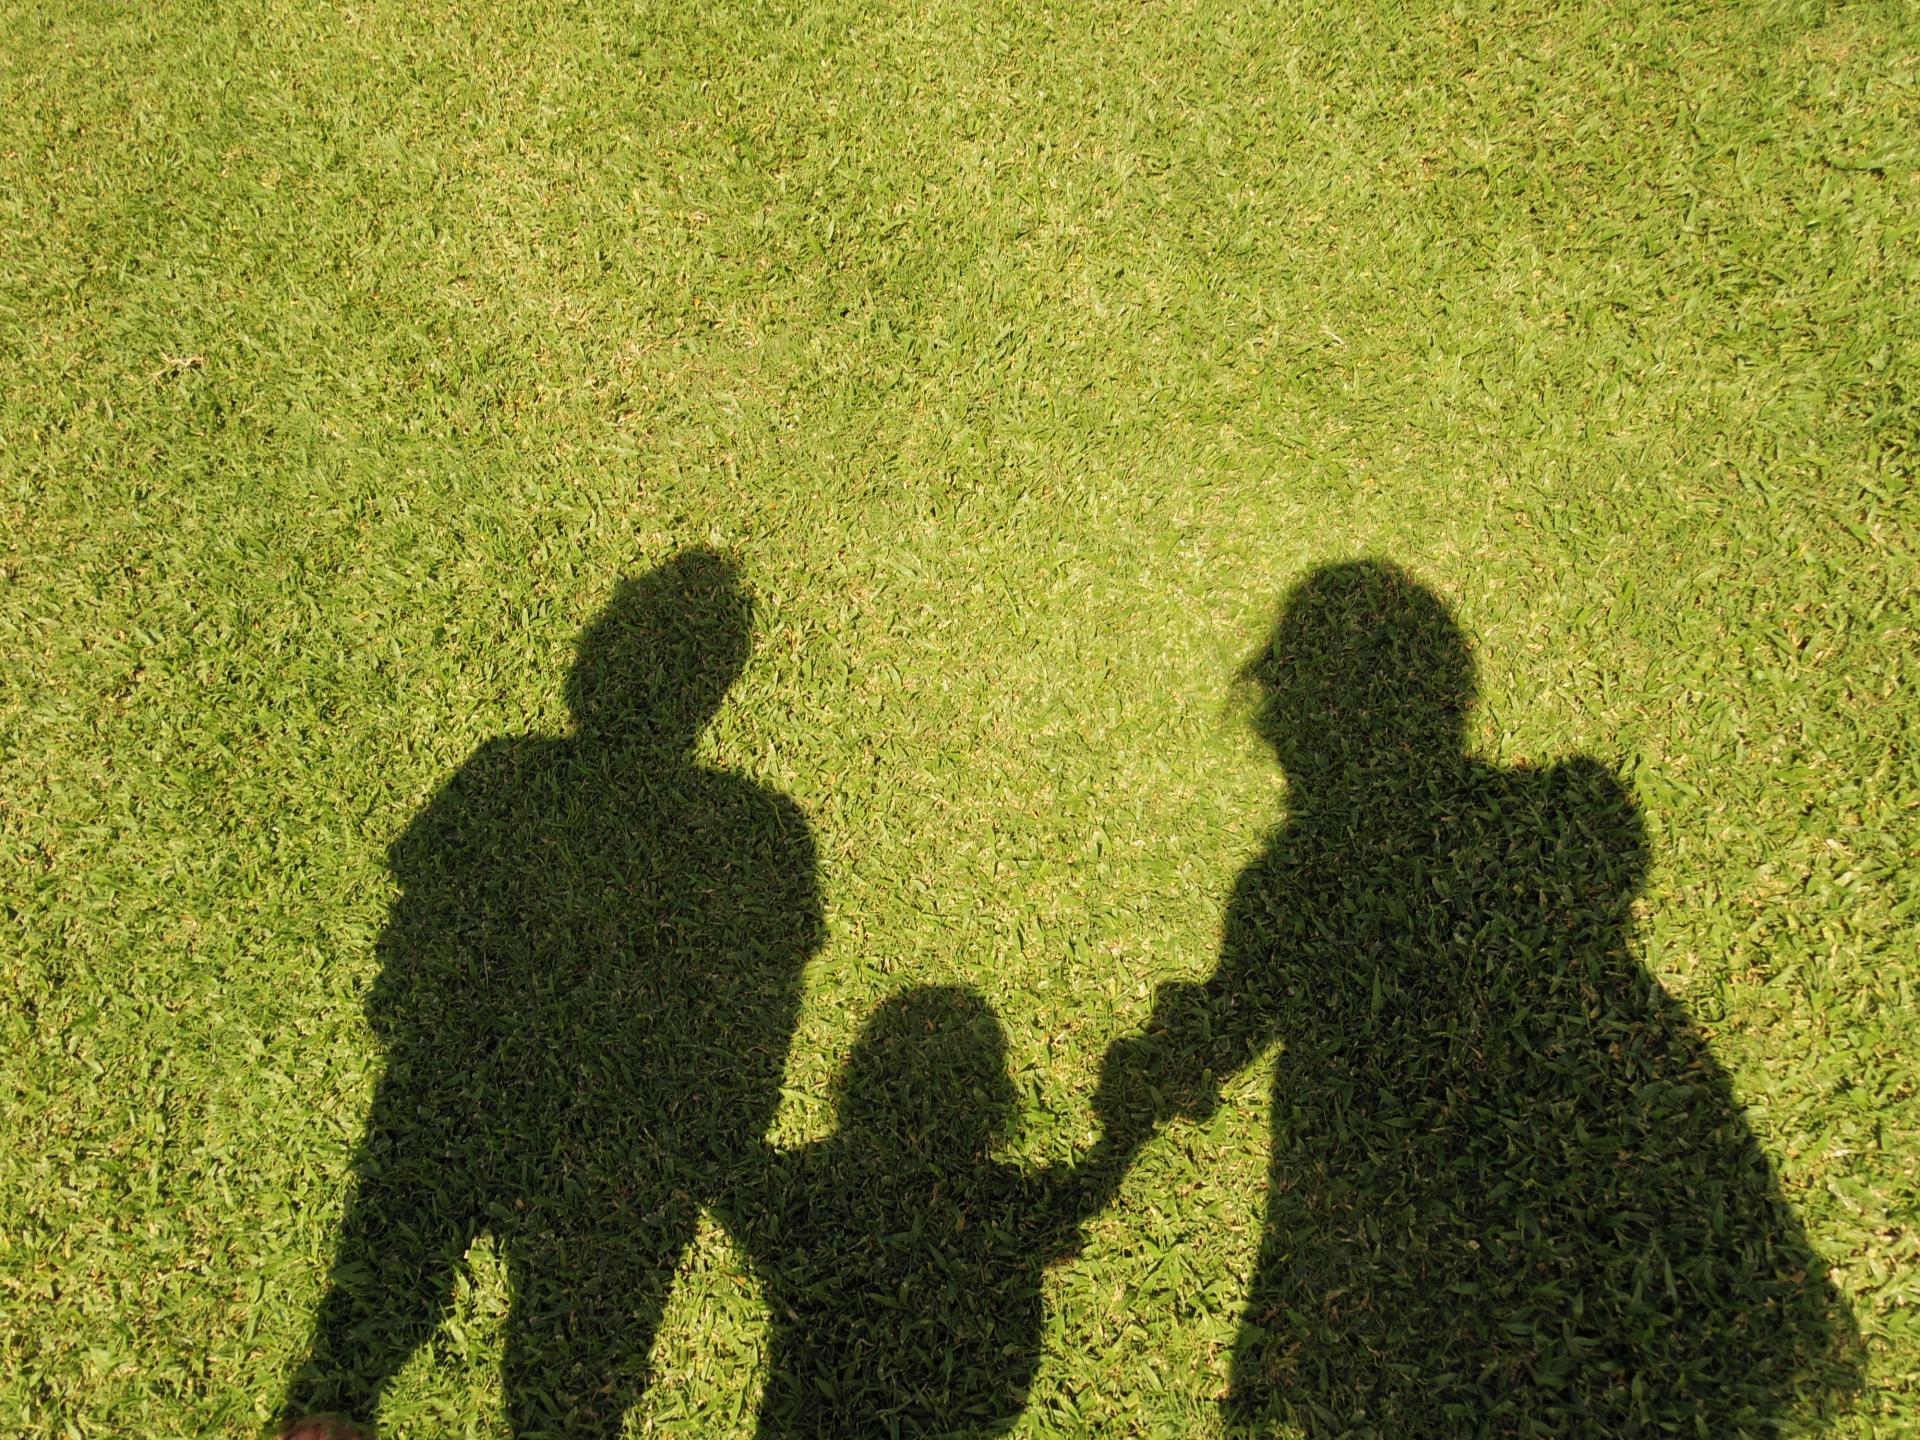 親が憎い・許せないと思う人間心理!親に感謝できない時の対策